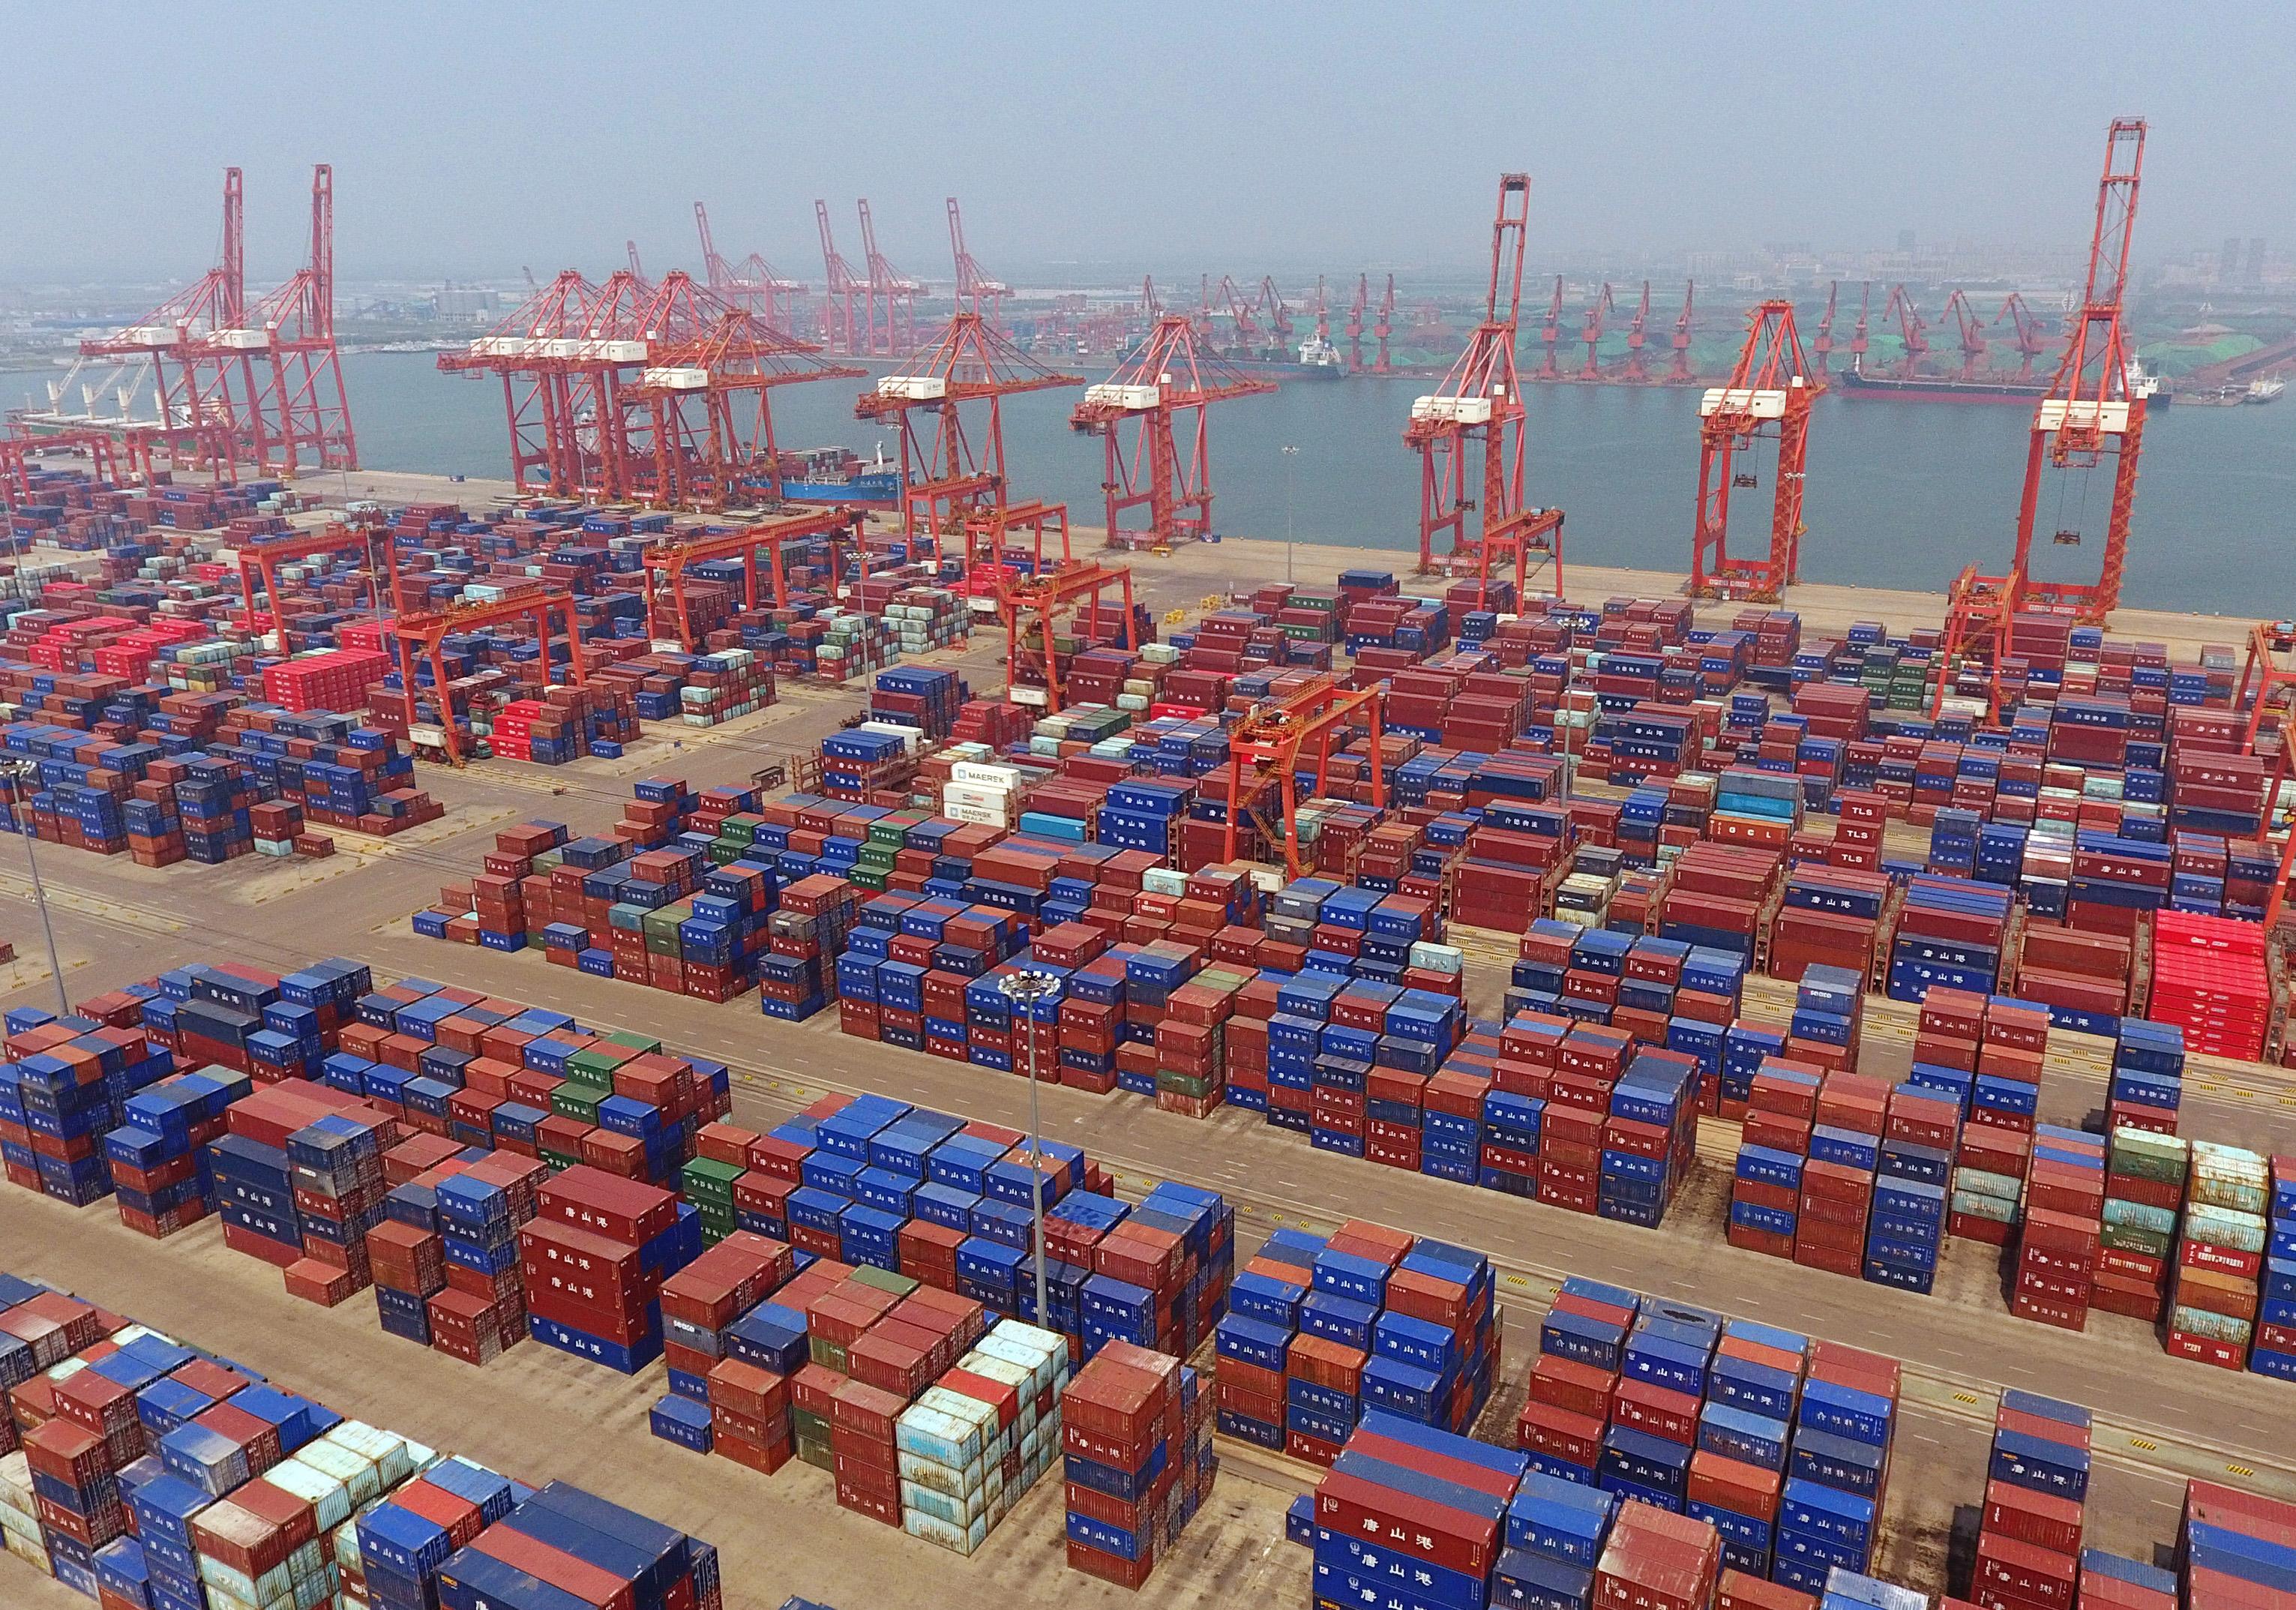 美国彼得森国际经济研究所高级研究员:中国经济回暖将对全球